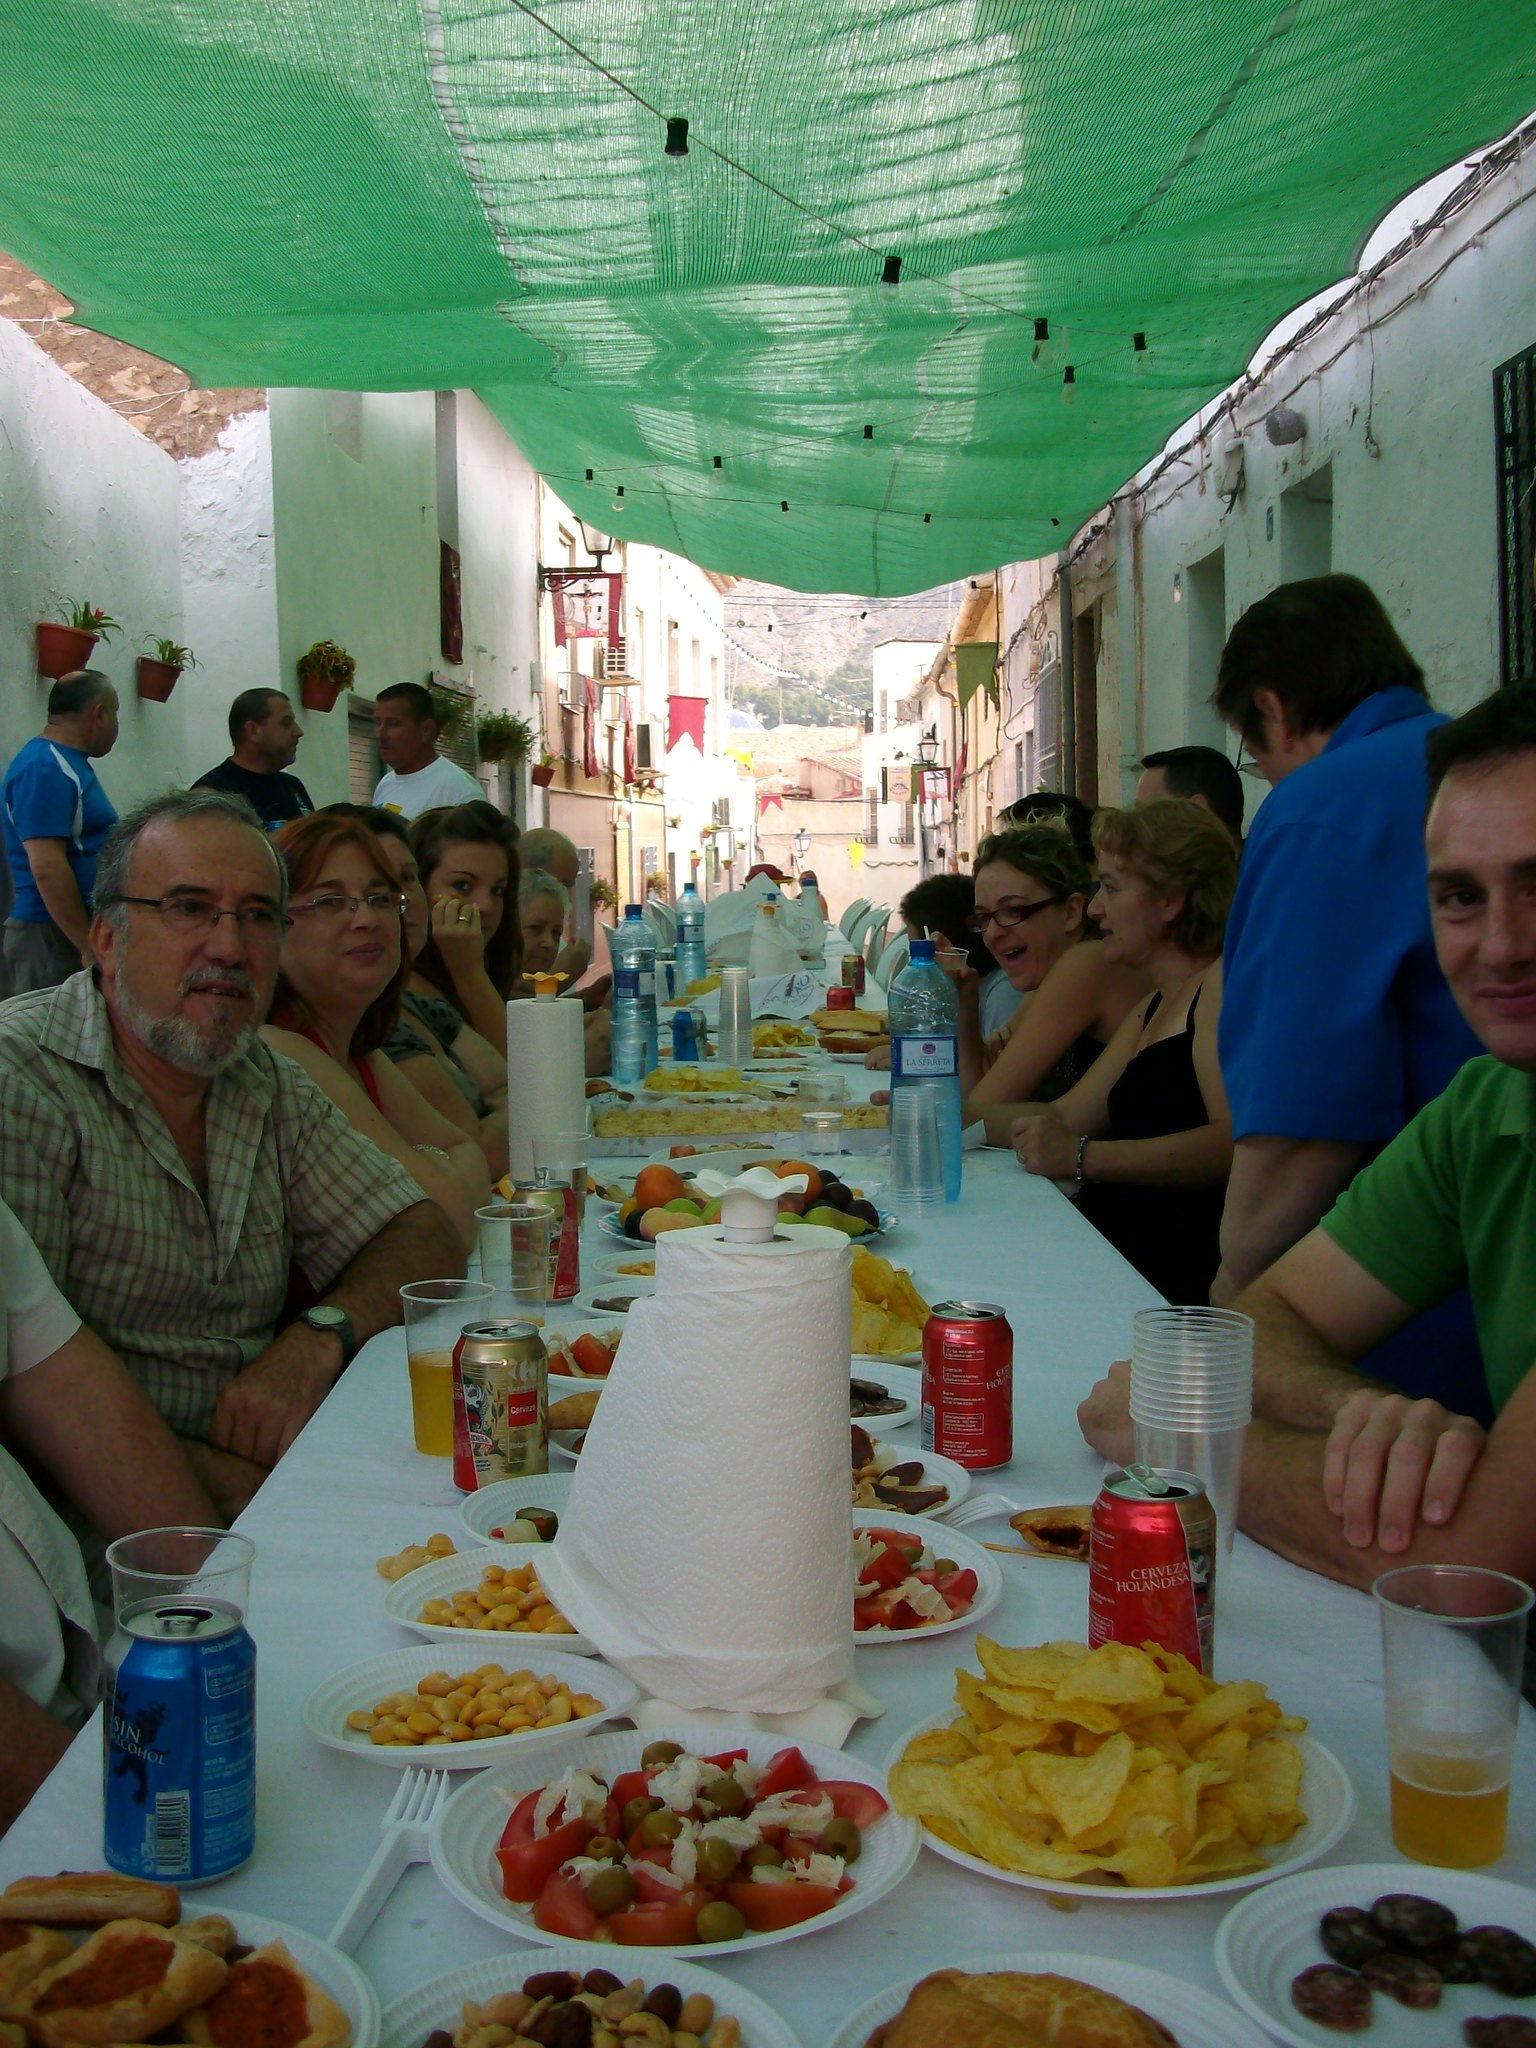 (2011-07-03) Almuerzo calle Cristo - José Vicente Romero Ripoll (03)